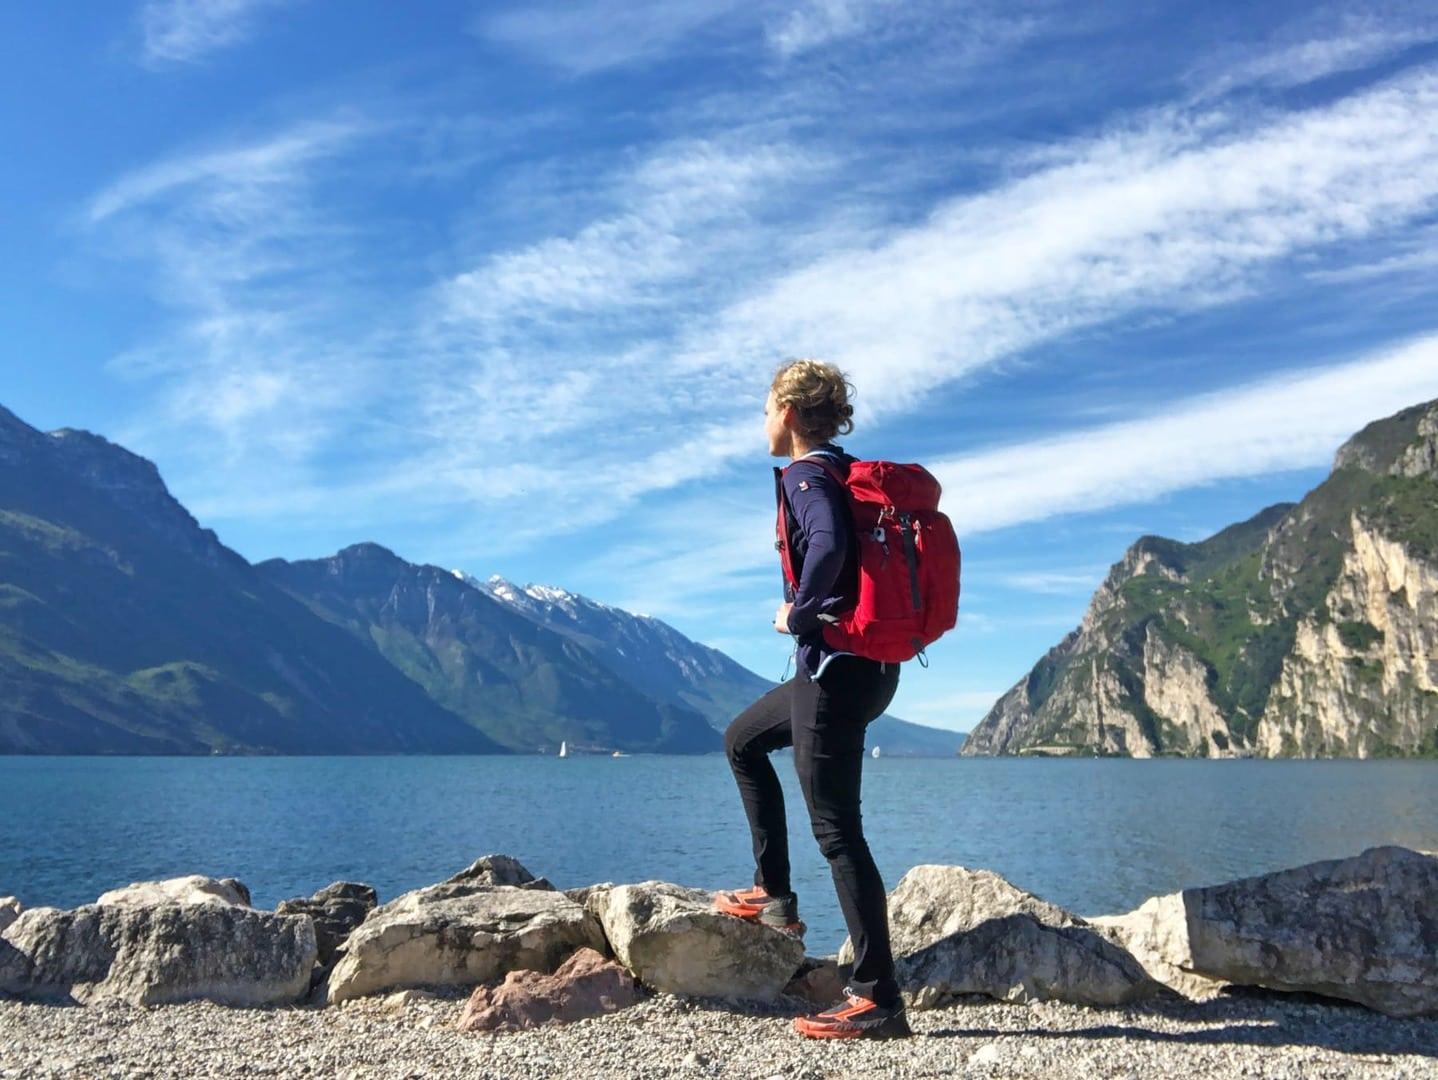 Wandertour vom Gardasee nach Venedig in Italien